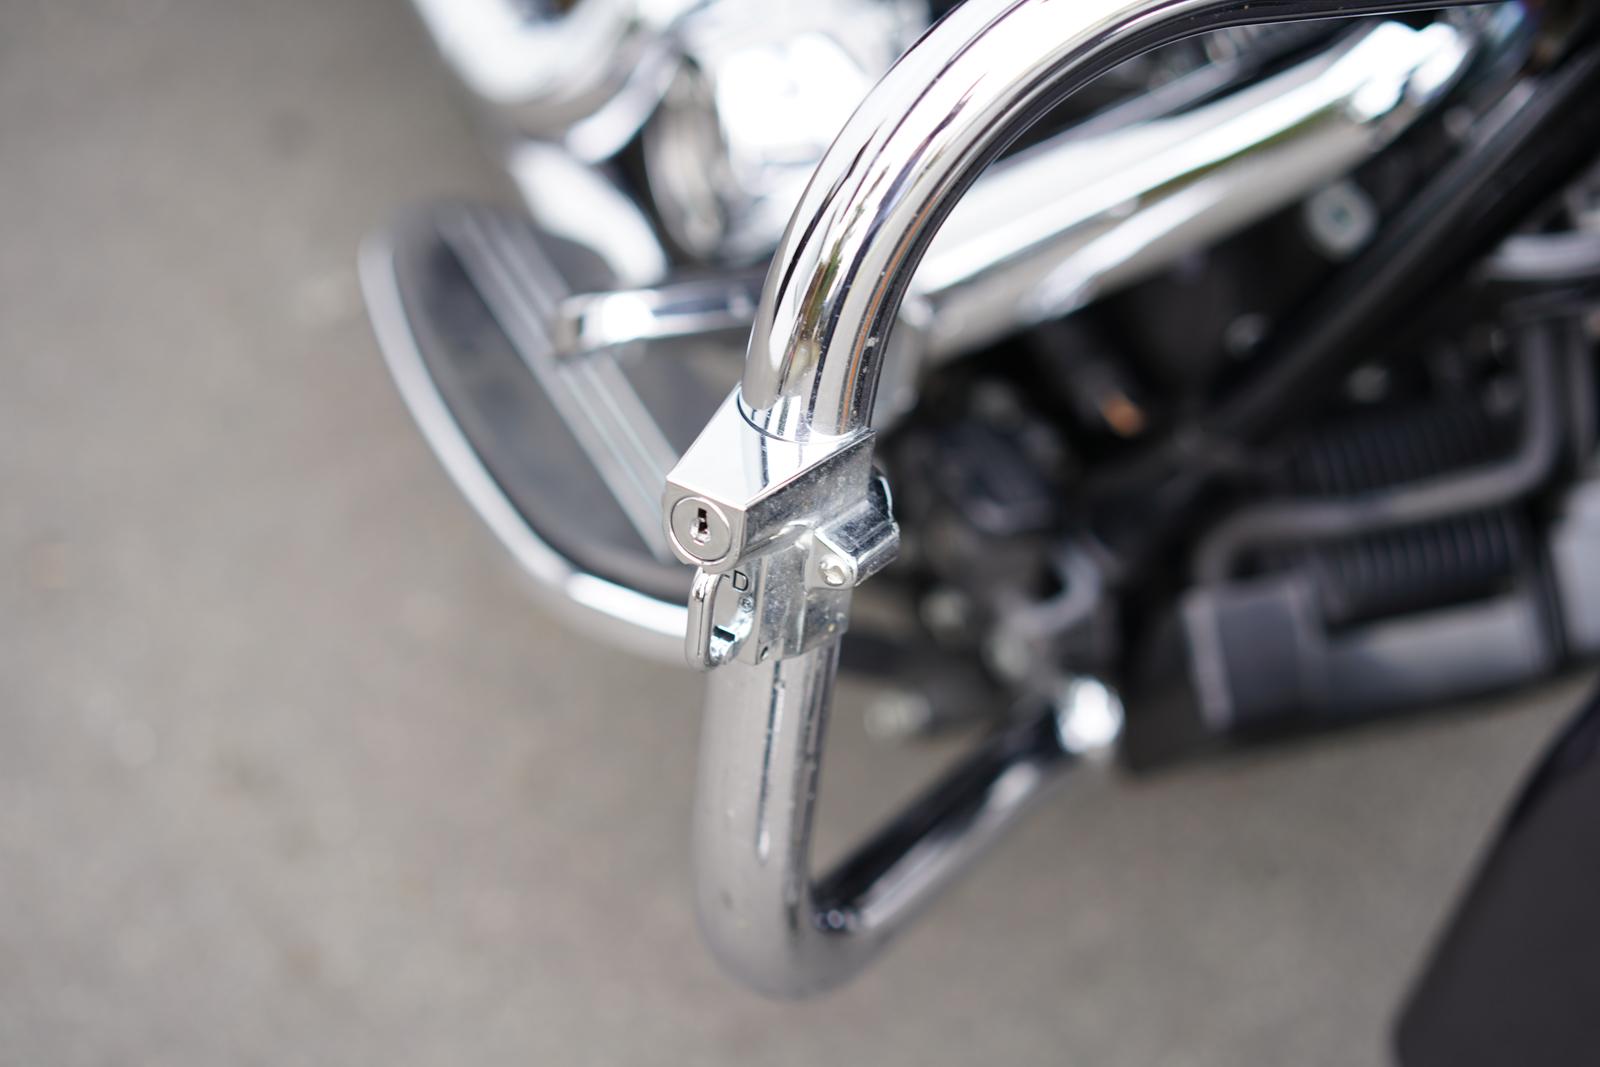 2014 Harley-Davidson Street Glide for sale